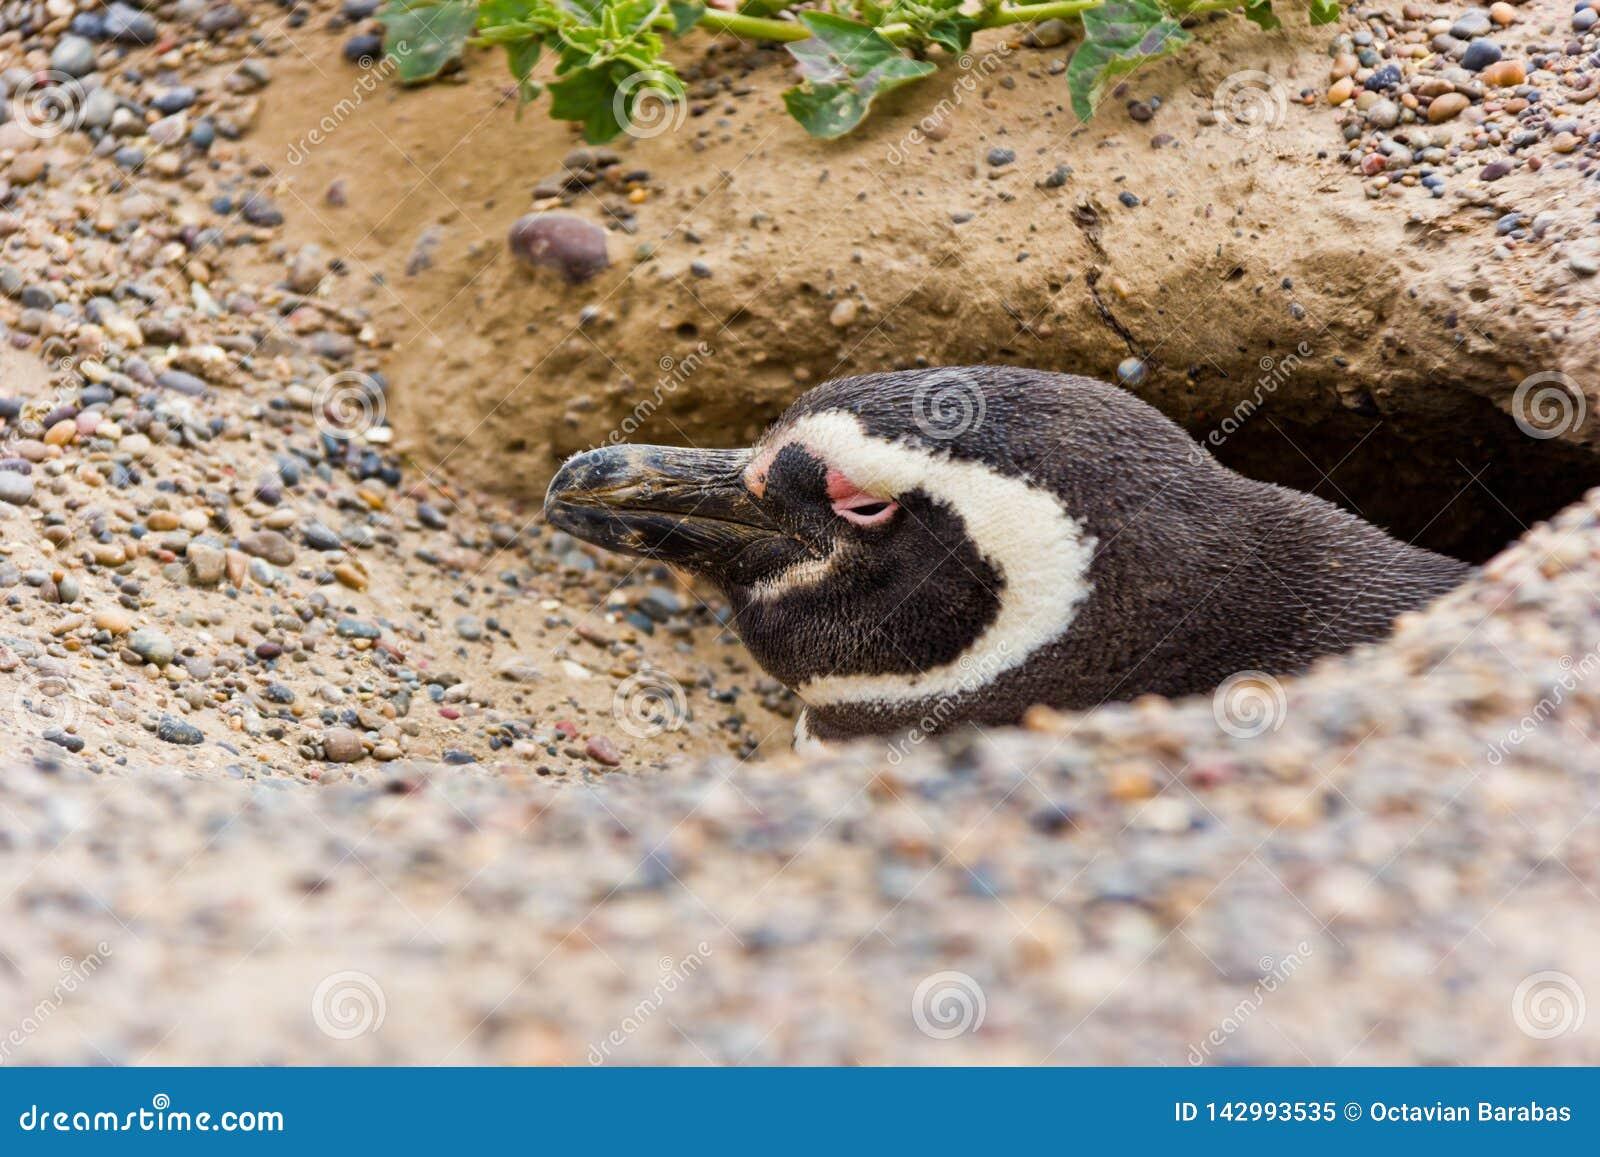 Humboldtpinguïn in zijn nest/hol in Argentinië